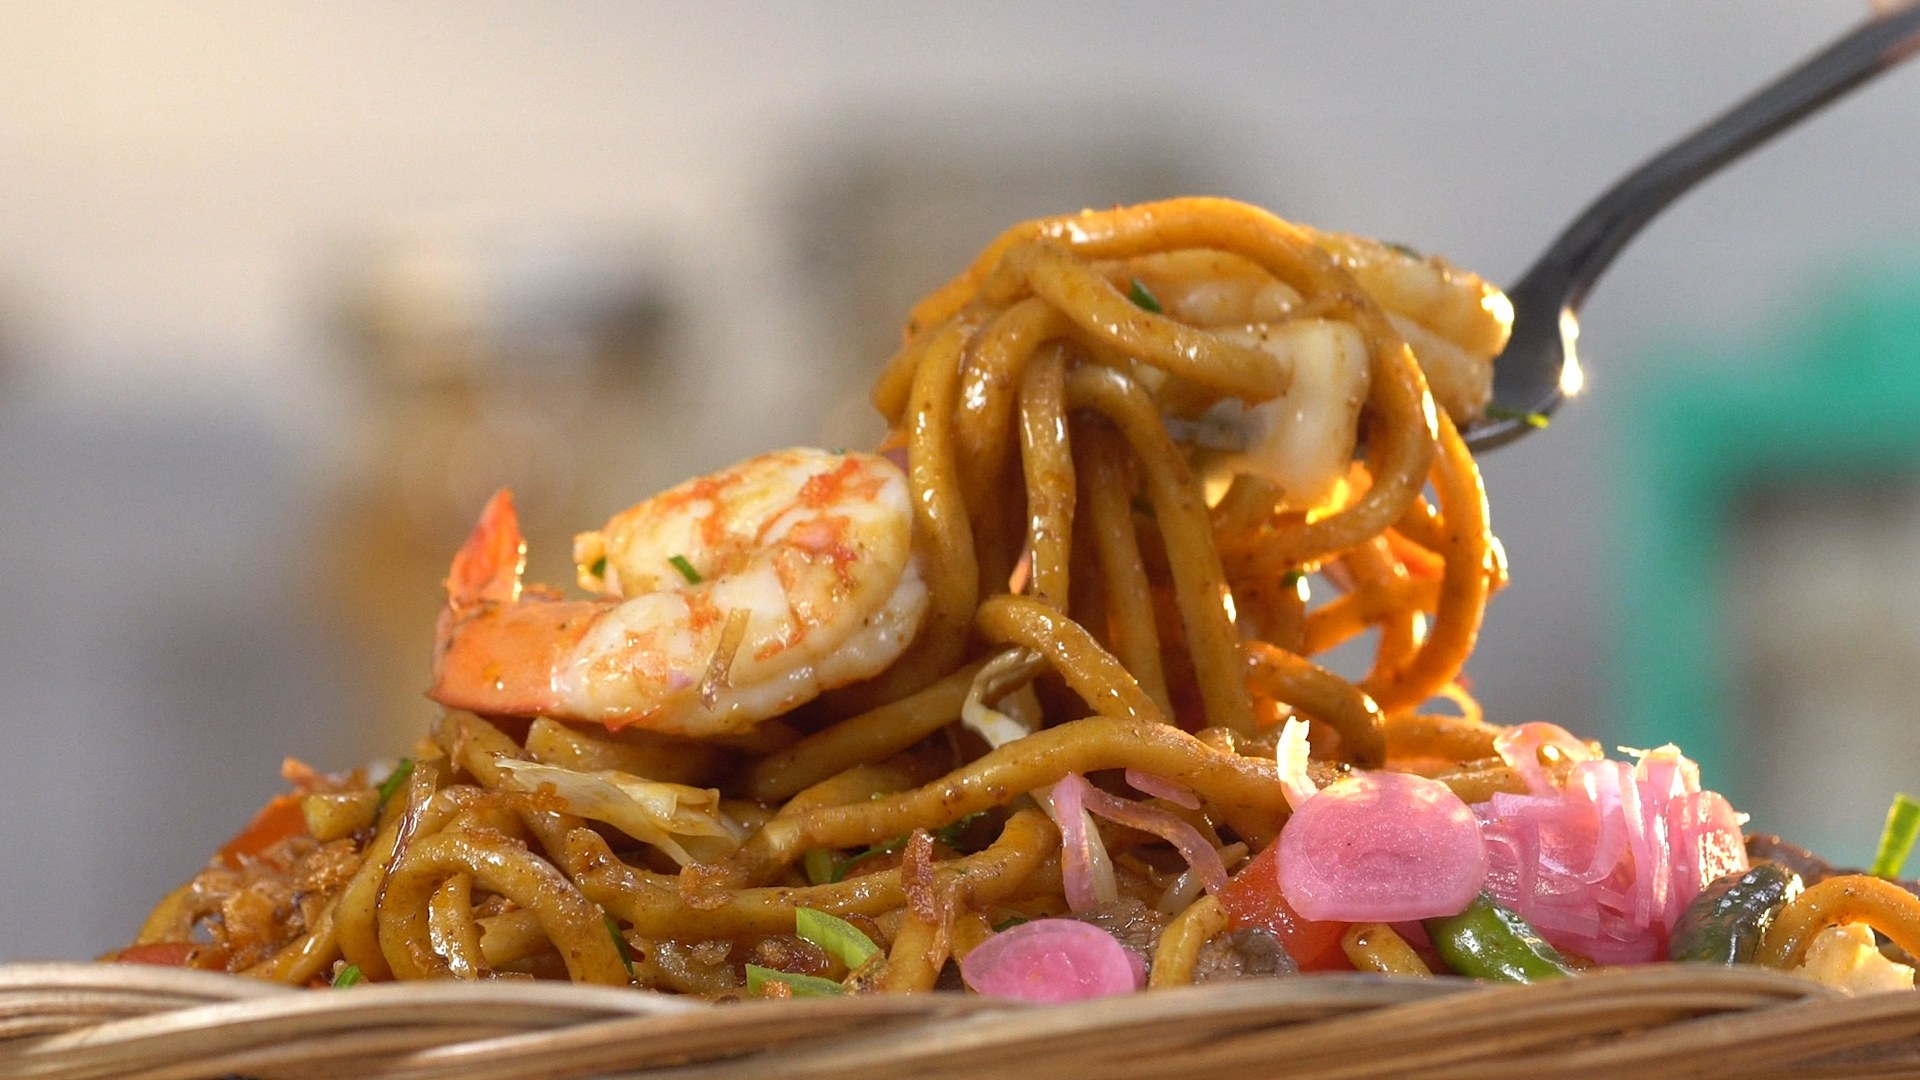 Resep Mie Aceh, Menu Makan Spesial - Masak Apa Hari Ini?